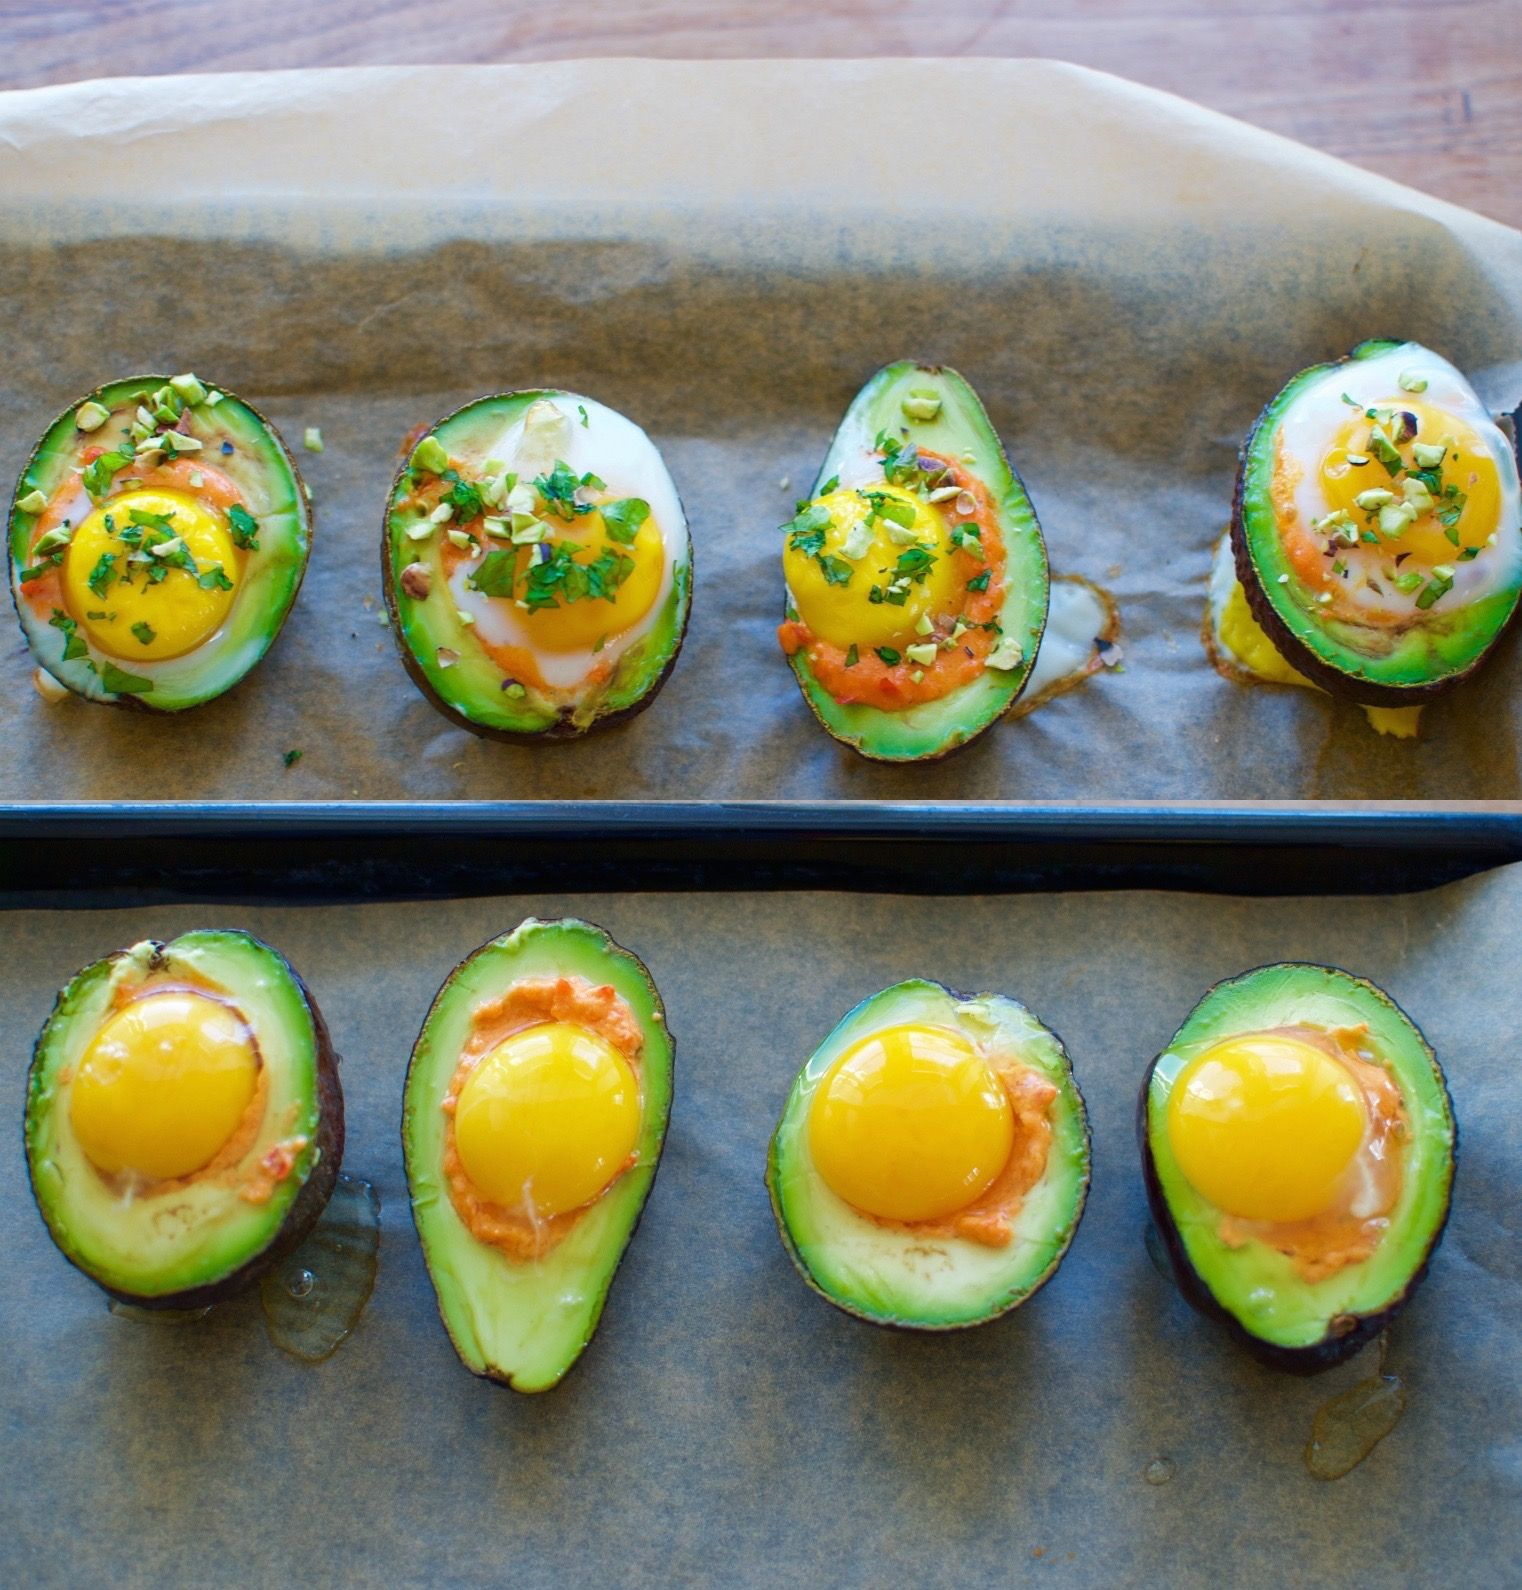 Mangler du et lækkert tilbehør til aftensmaden, så prøv disse sunde og mættende bagte avocadoer, som vil være et hit hos både store og små